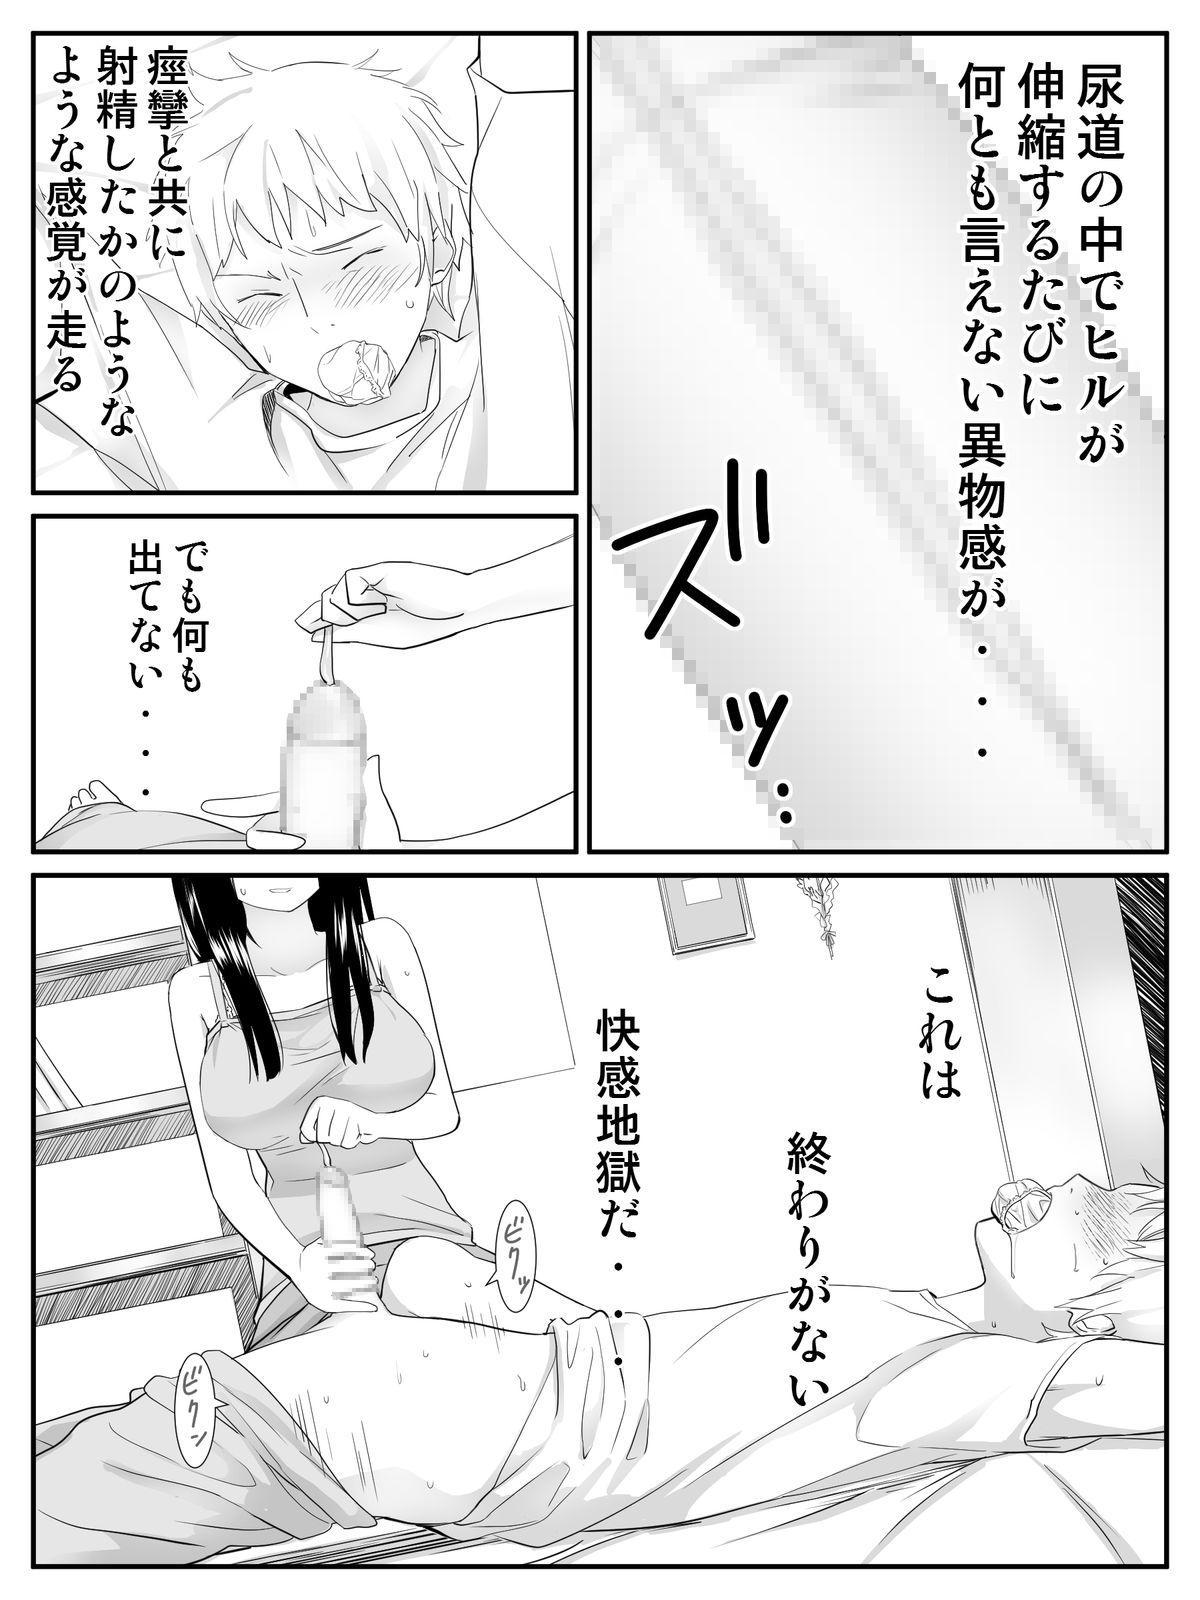 Ore ga Saiai no Kanojo ni Nyoudou wo Hiru de Okasareta Toki no Hanashi 28